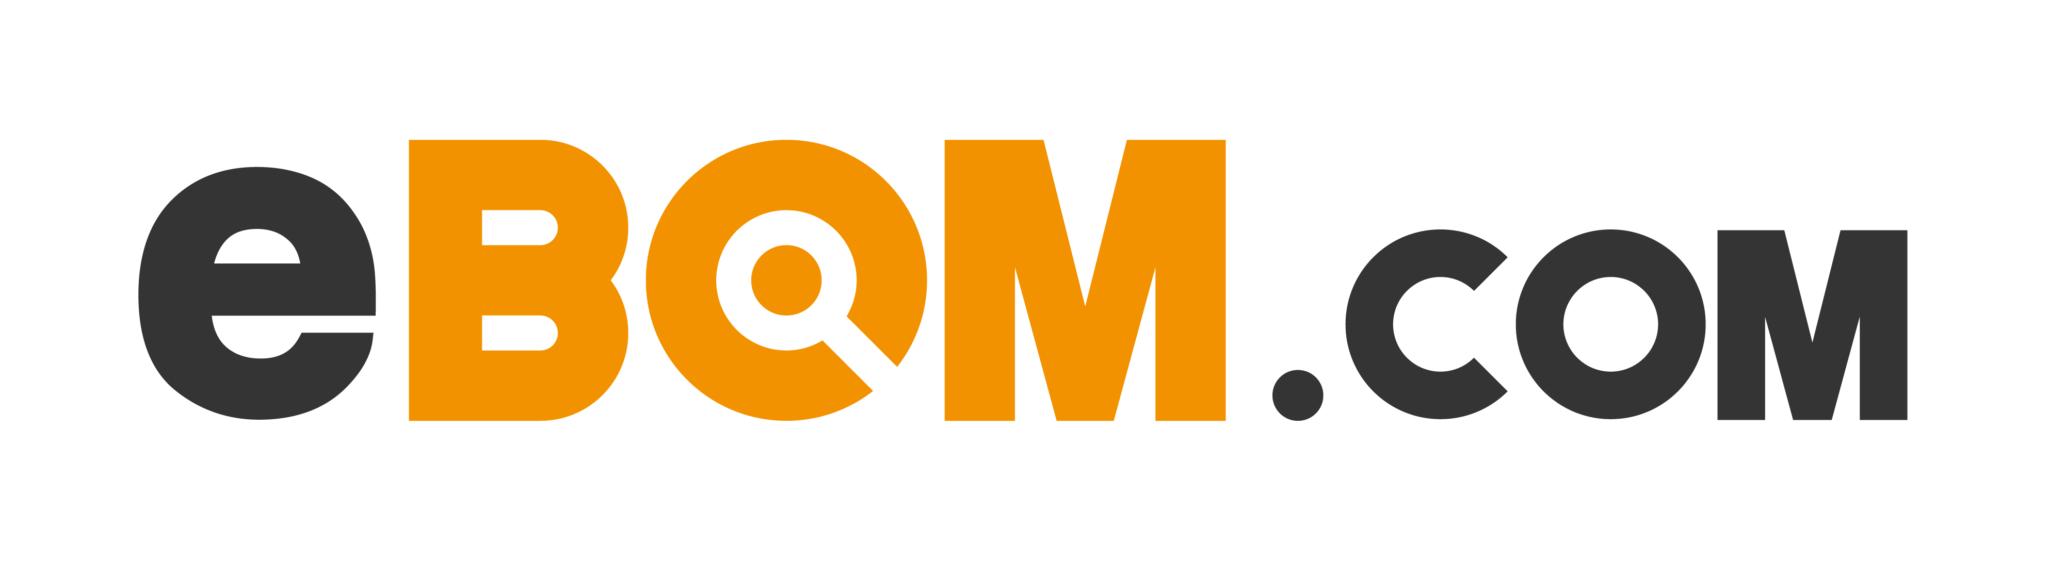 EBOM.com